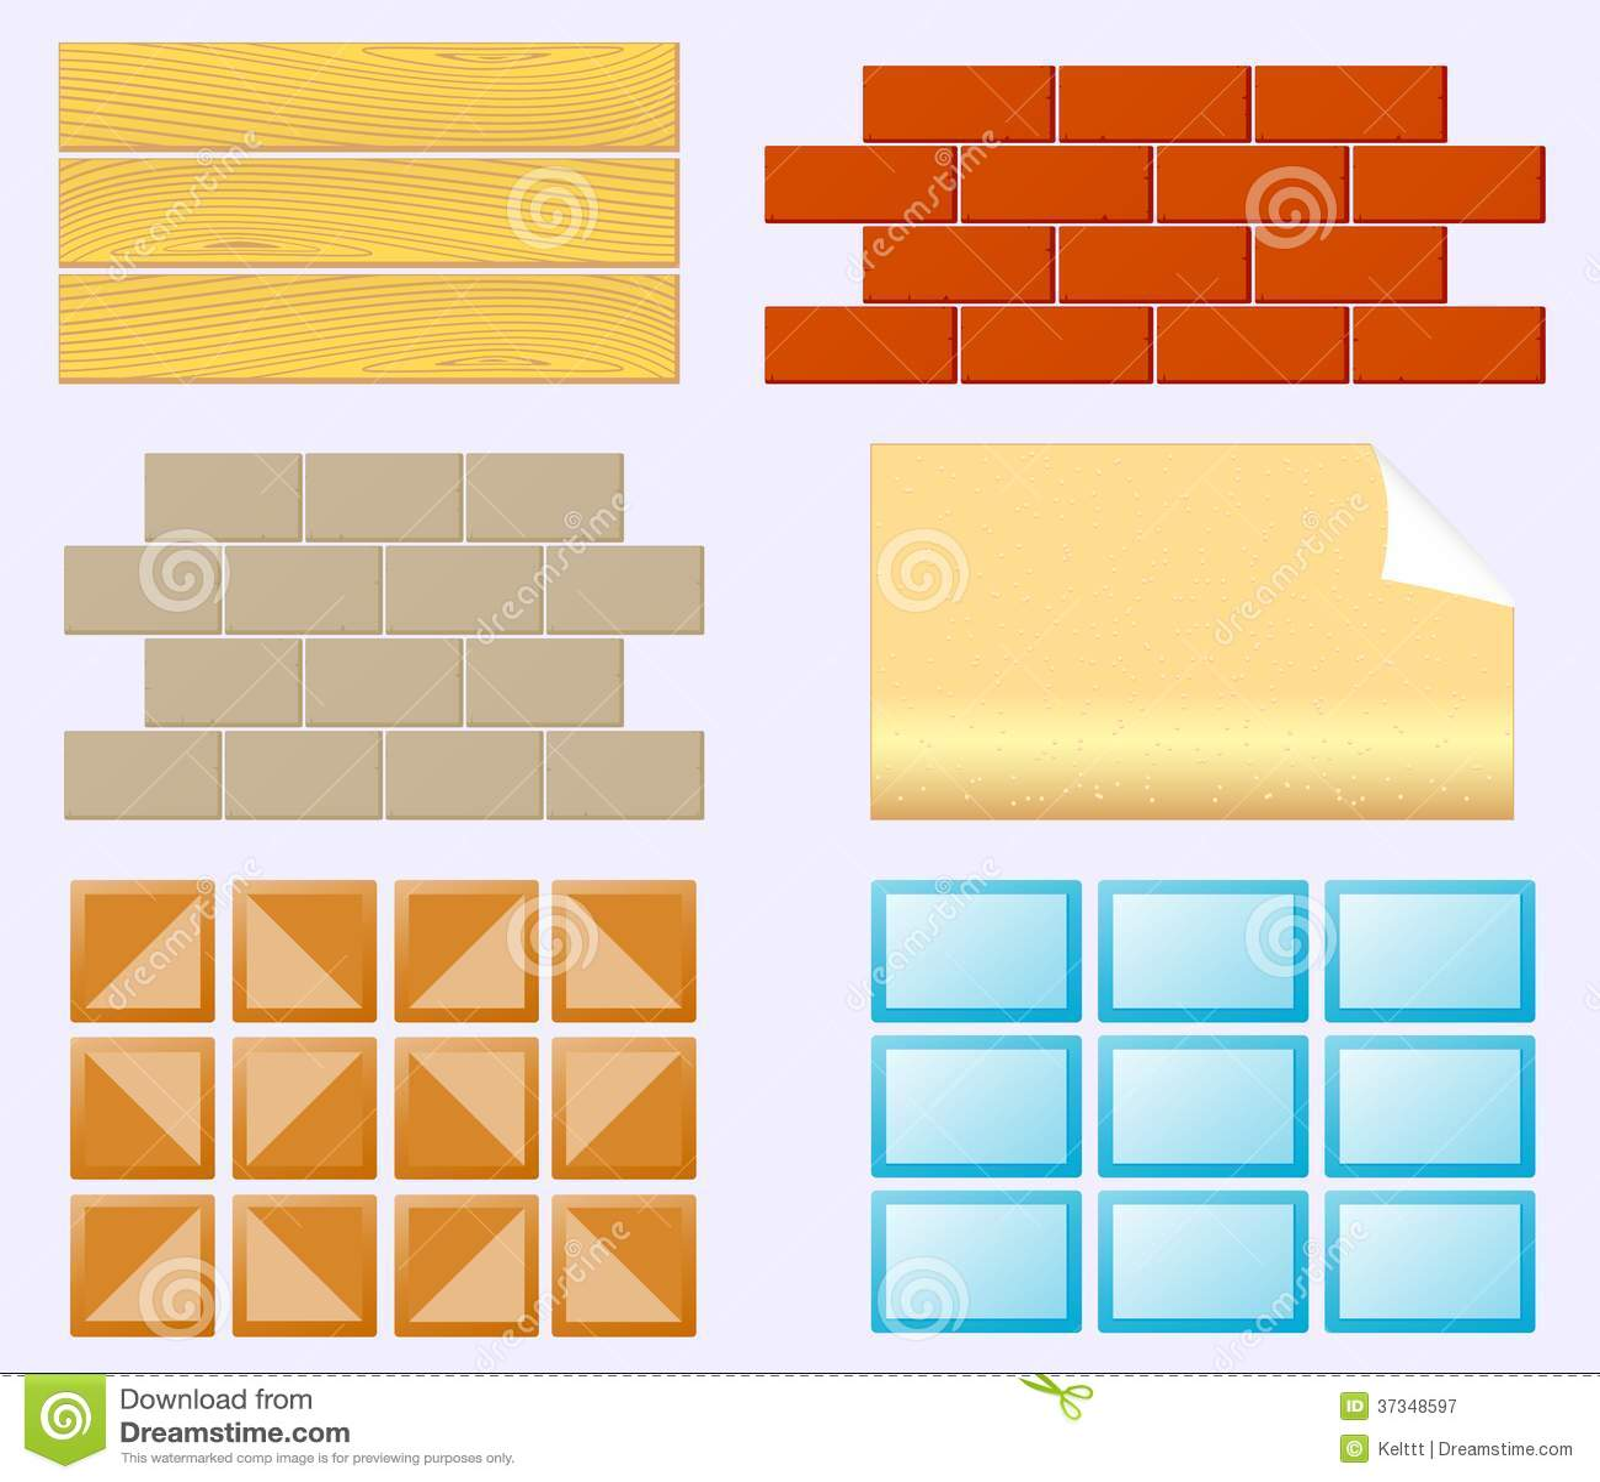 Материалы отделкой для домашней реновации